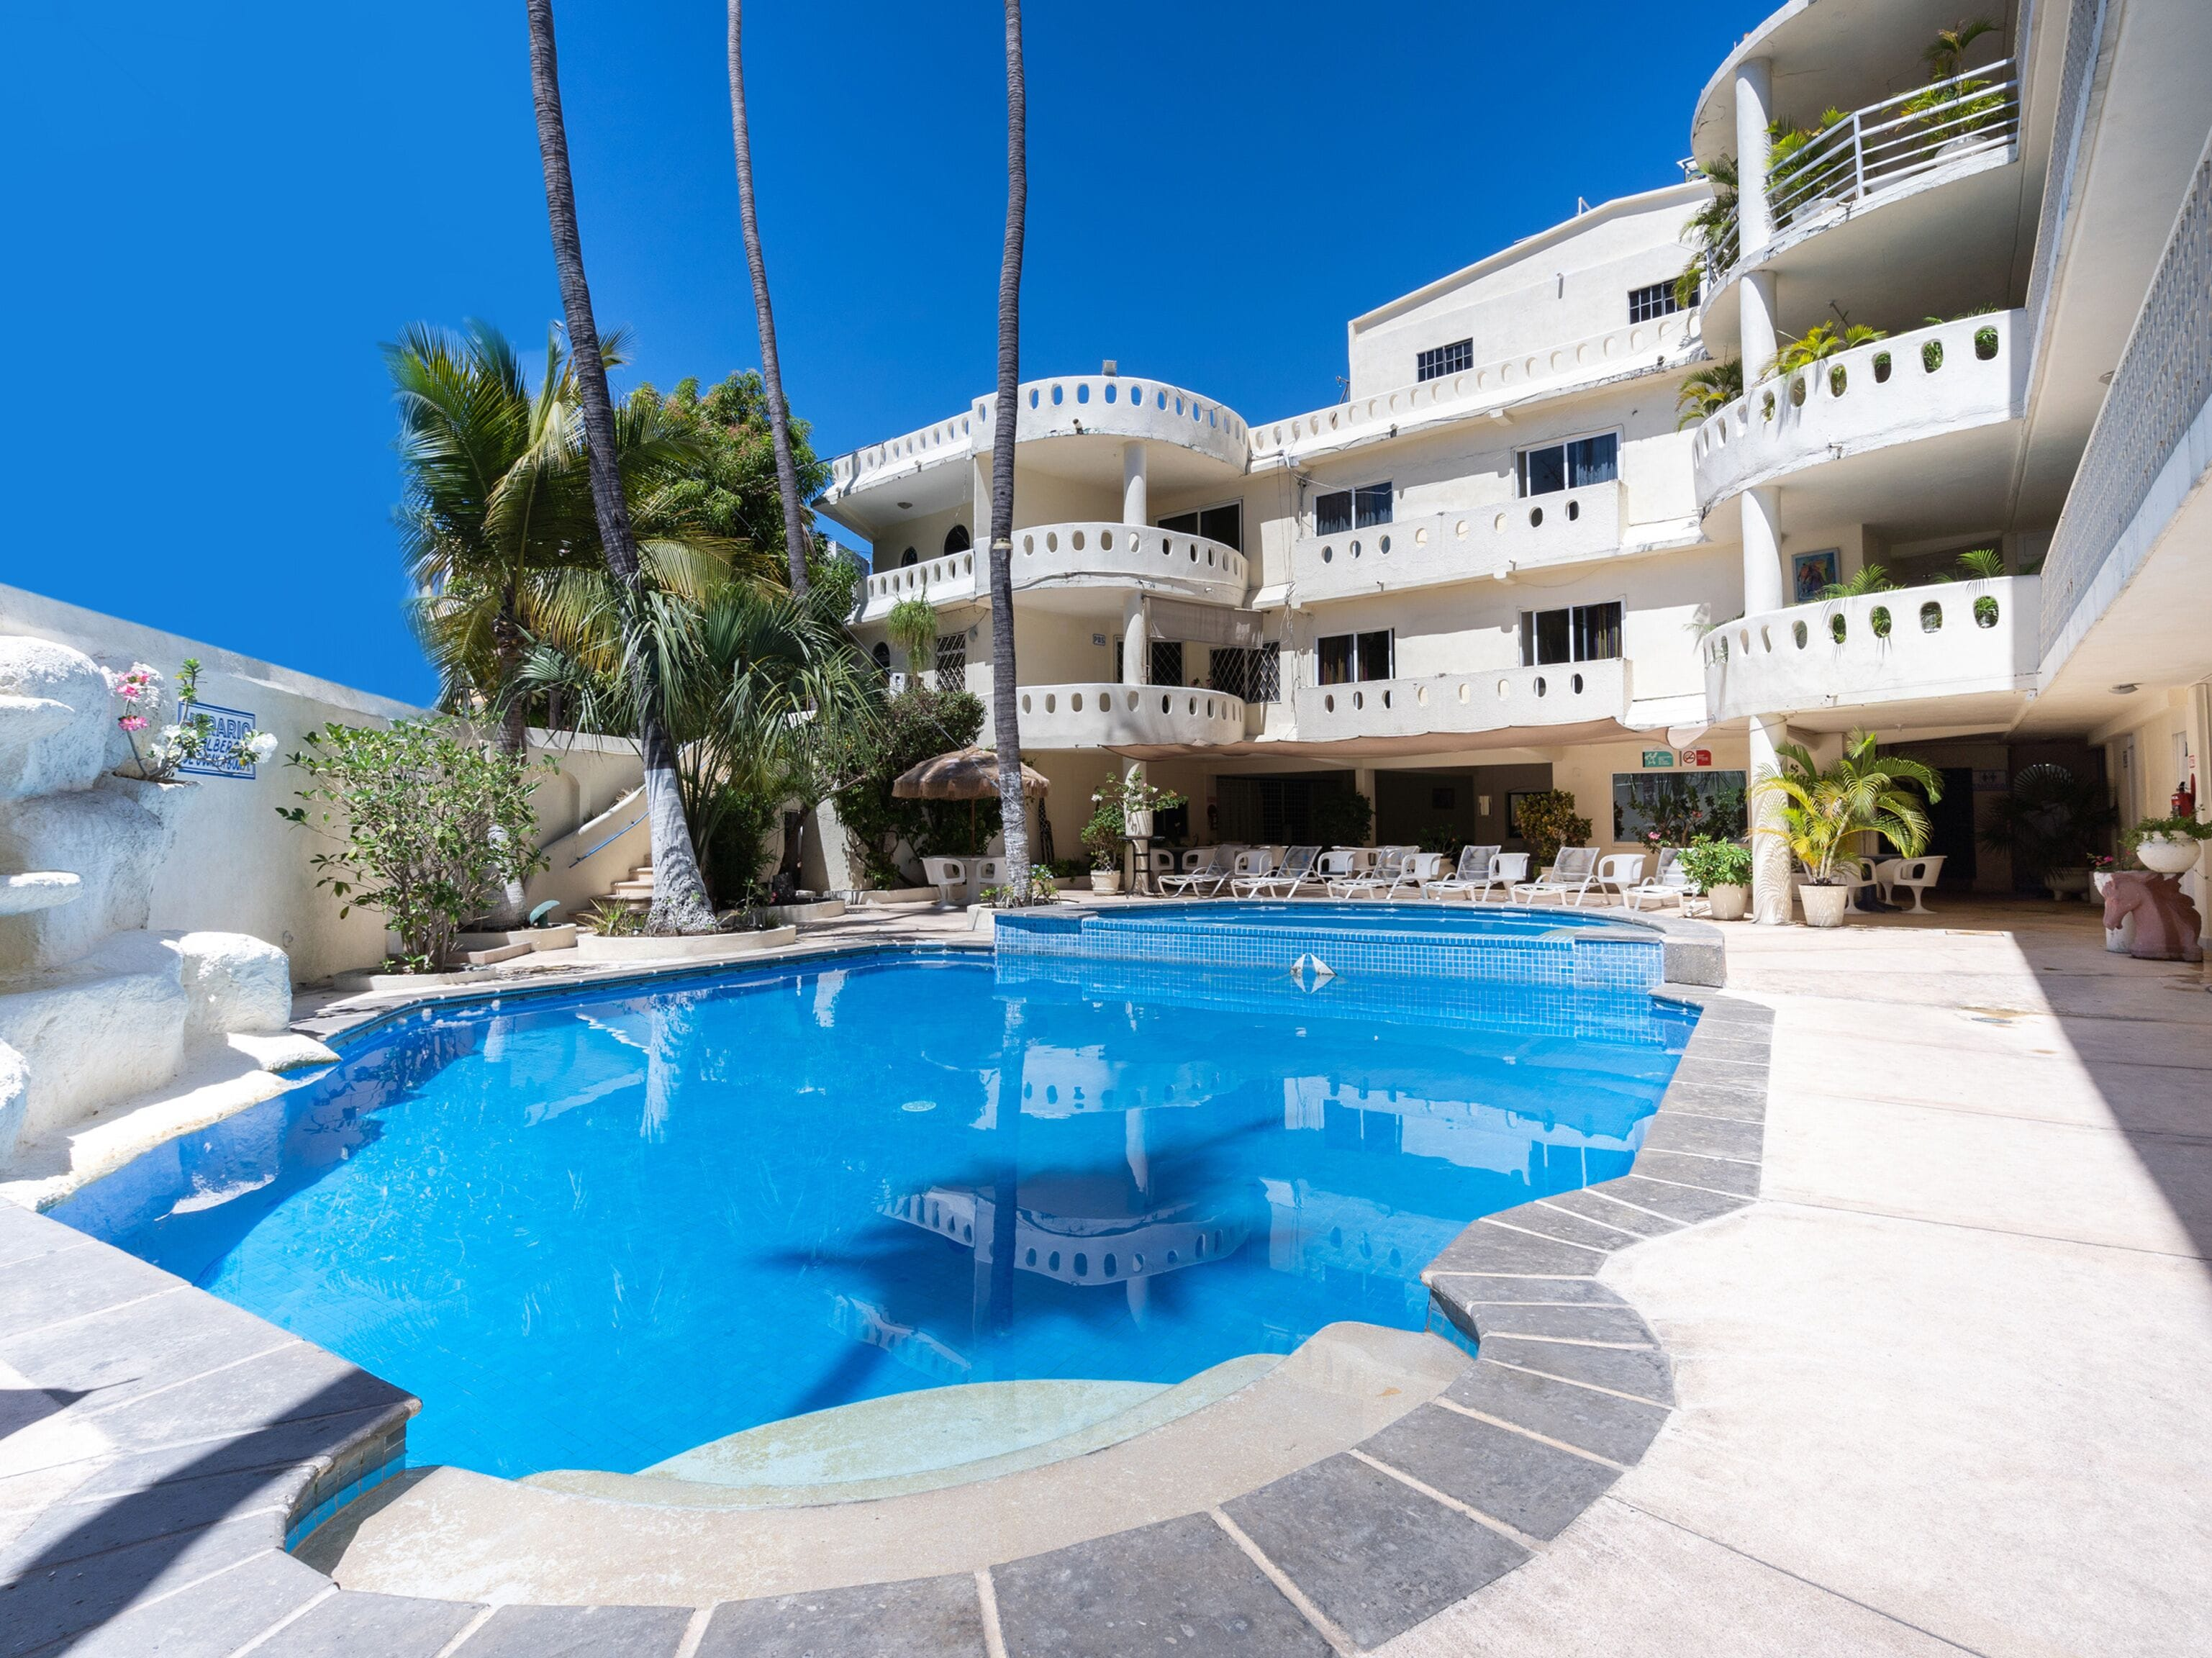 Hotel Costa Linda Acapulco